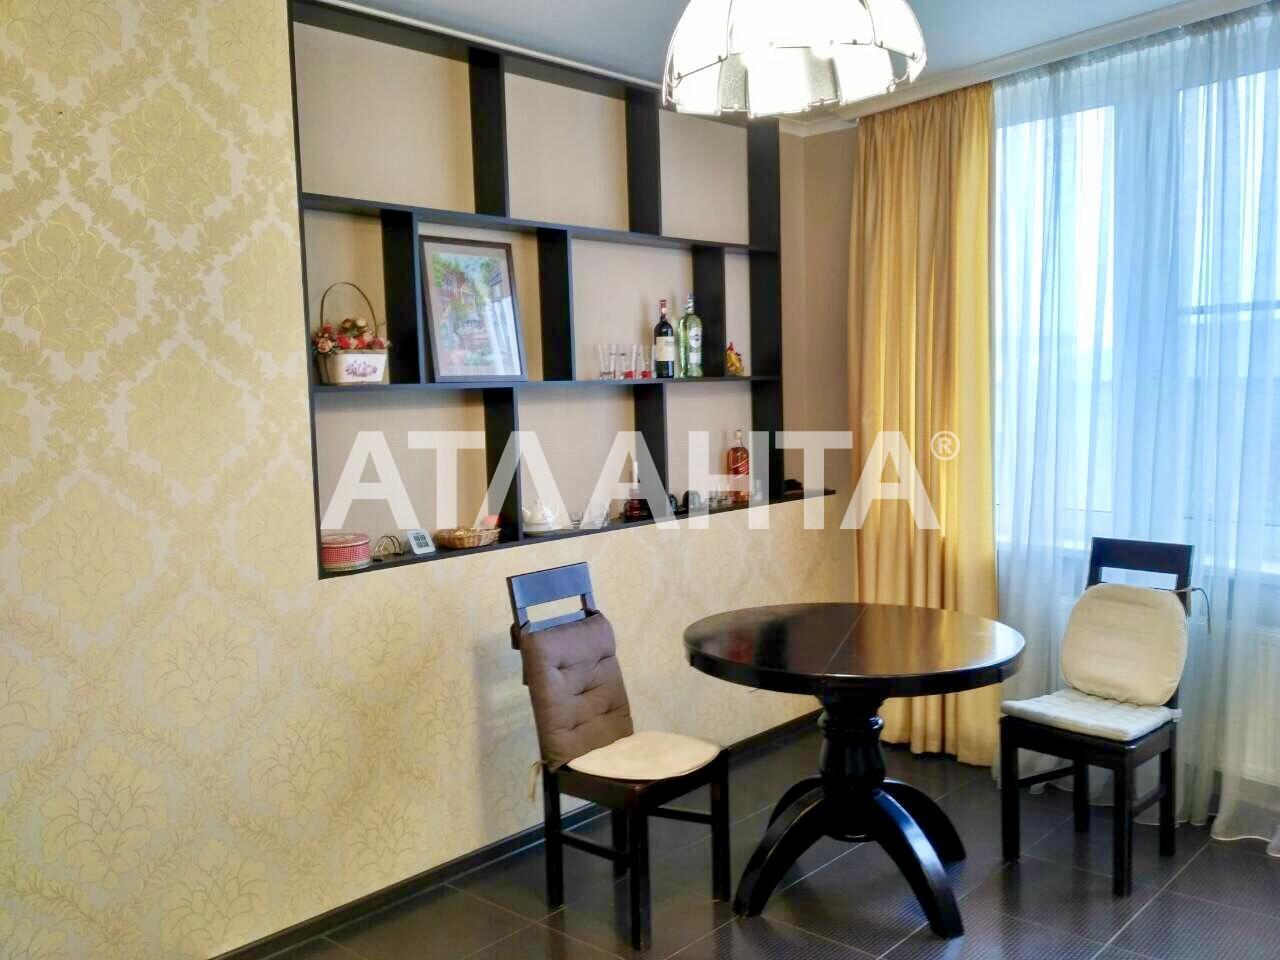 Продается 3-комнатная Квартира на ул. Просп. Лобановского — 185 000 у.е. (фото №5)